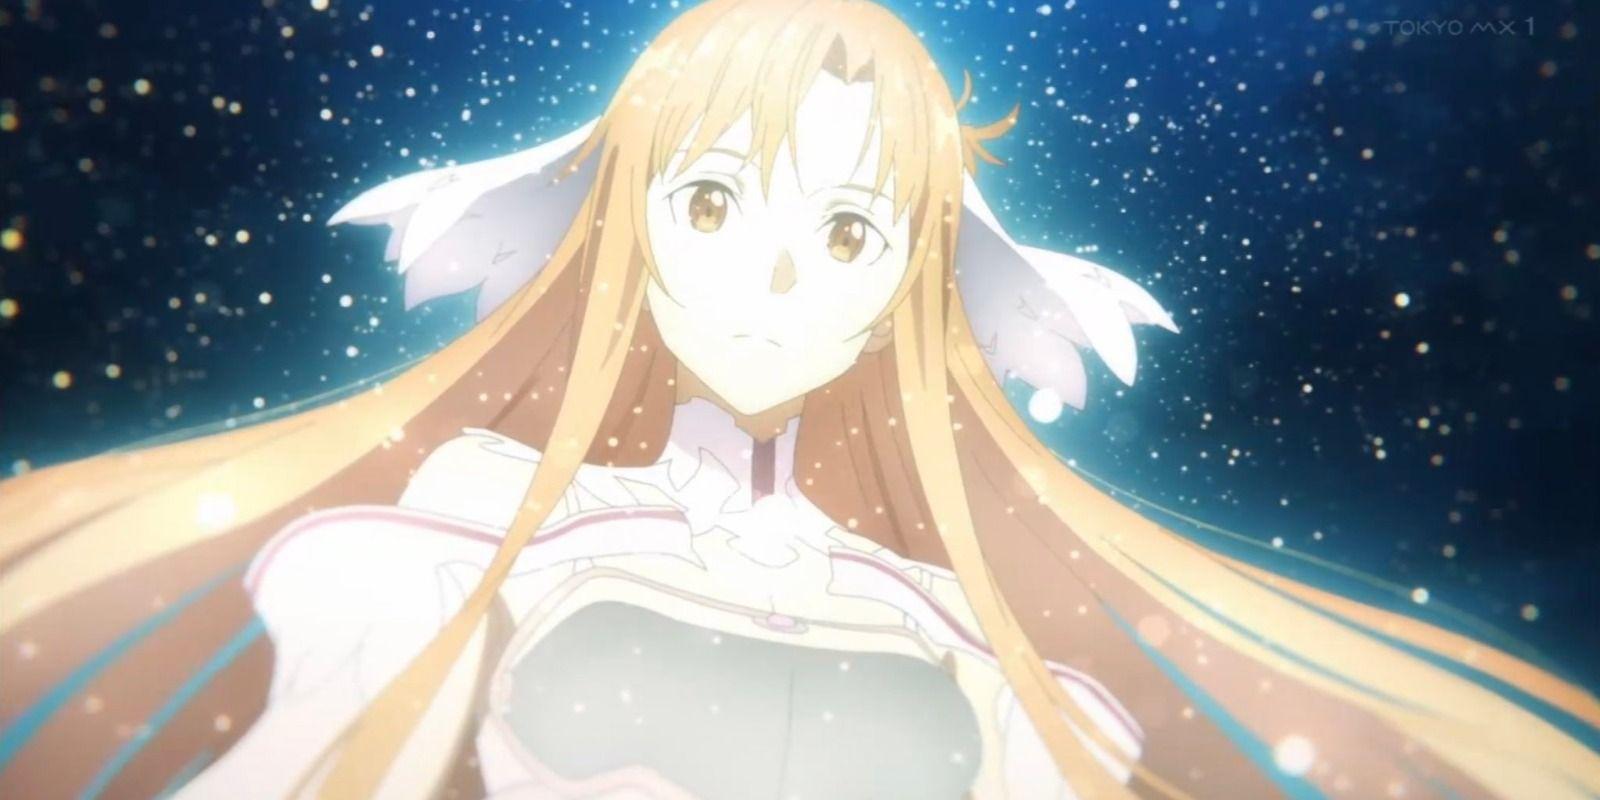 Sword Art Online: Os 10 personagens favoritos dos fãs (de acordo com MyAnimeList) 9